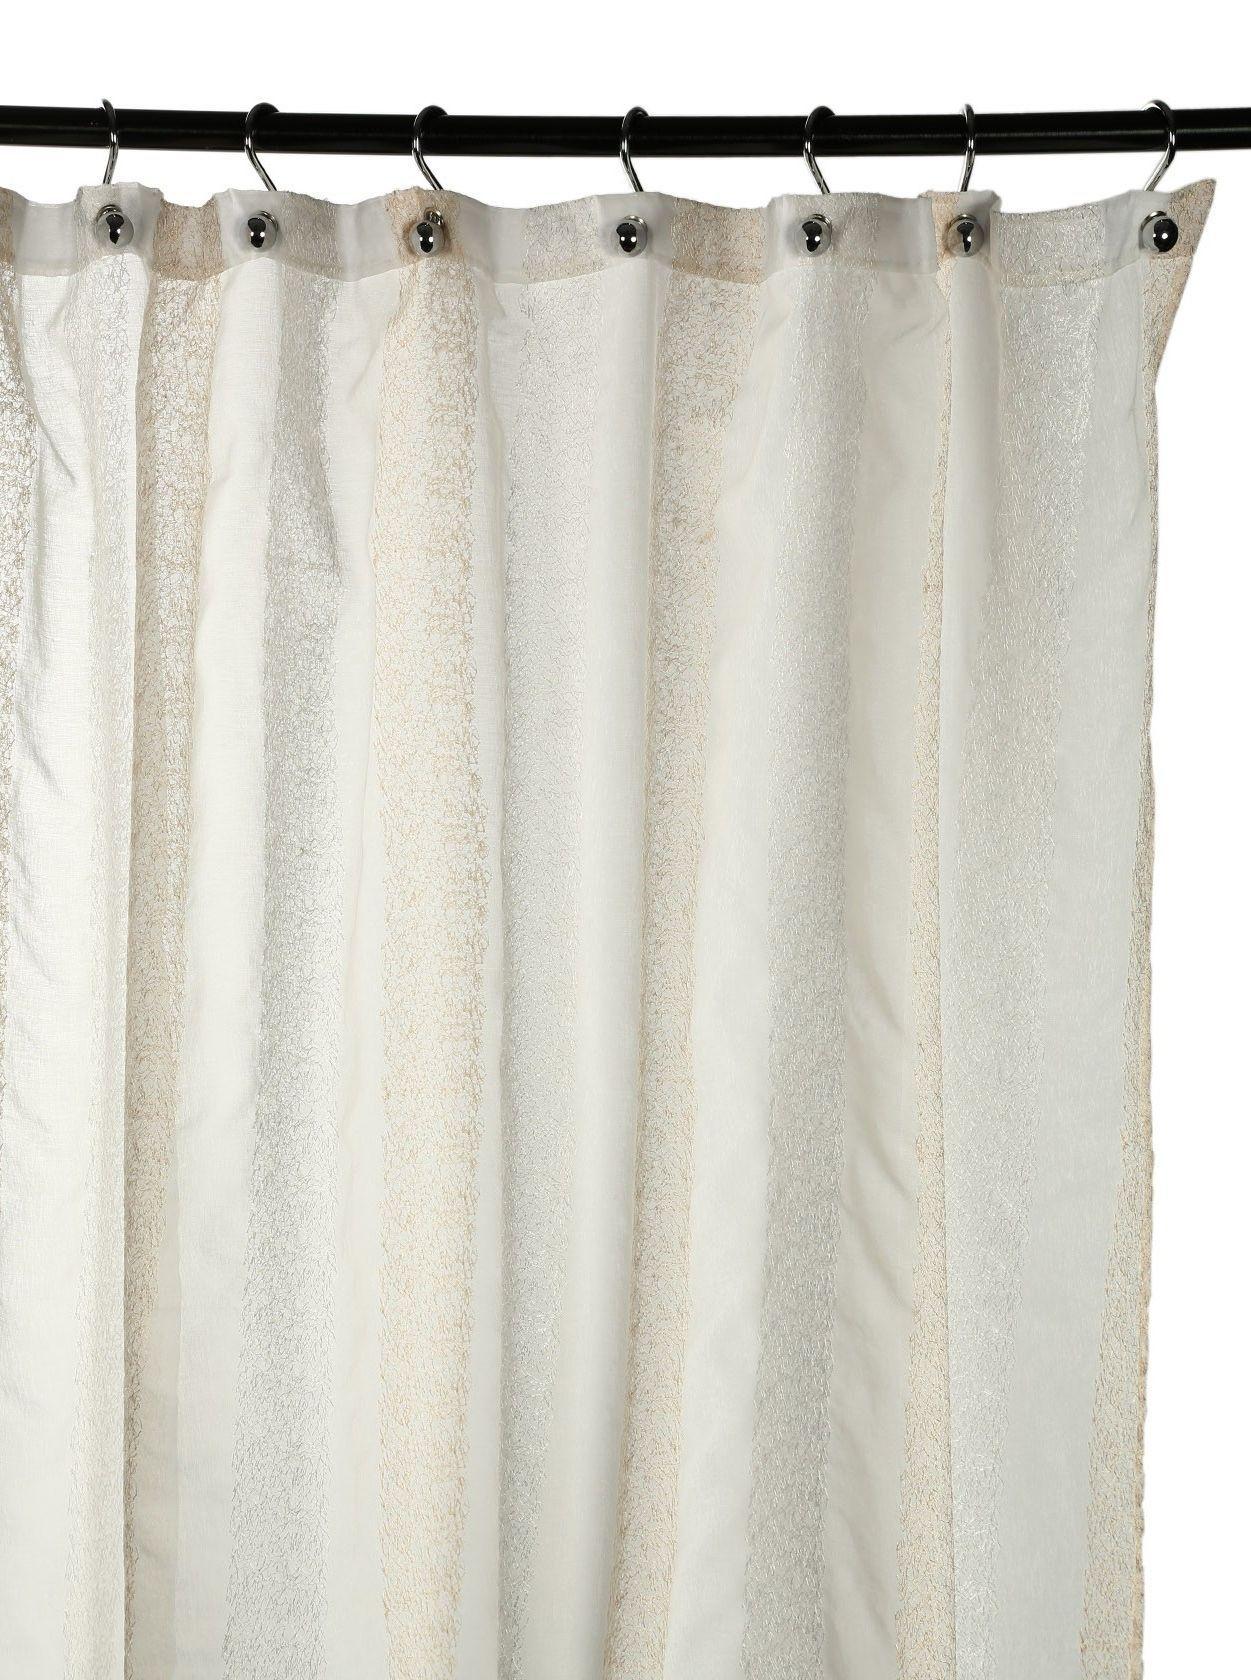 Шторки Элитная шторка для ванной Artos Natural от Arti-Deco elitnaya-shtorka-dlya-vannoy-artos-natural-ot-arti-deco-ispaniya.jpg